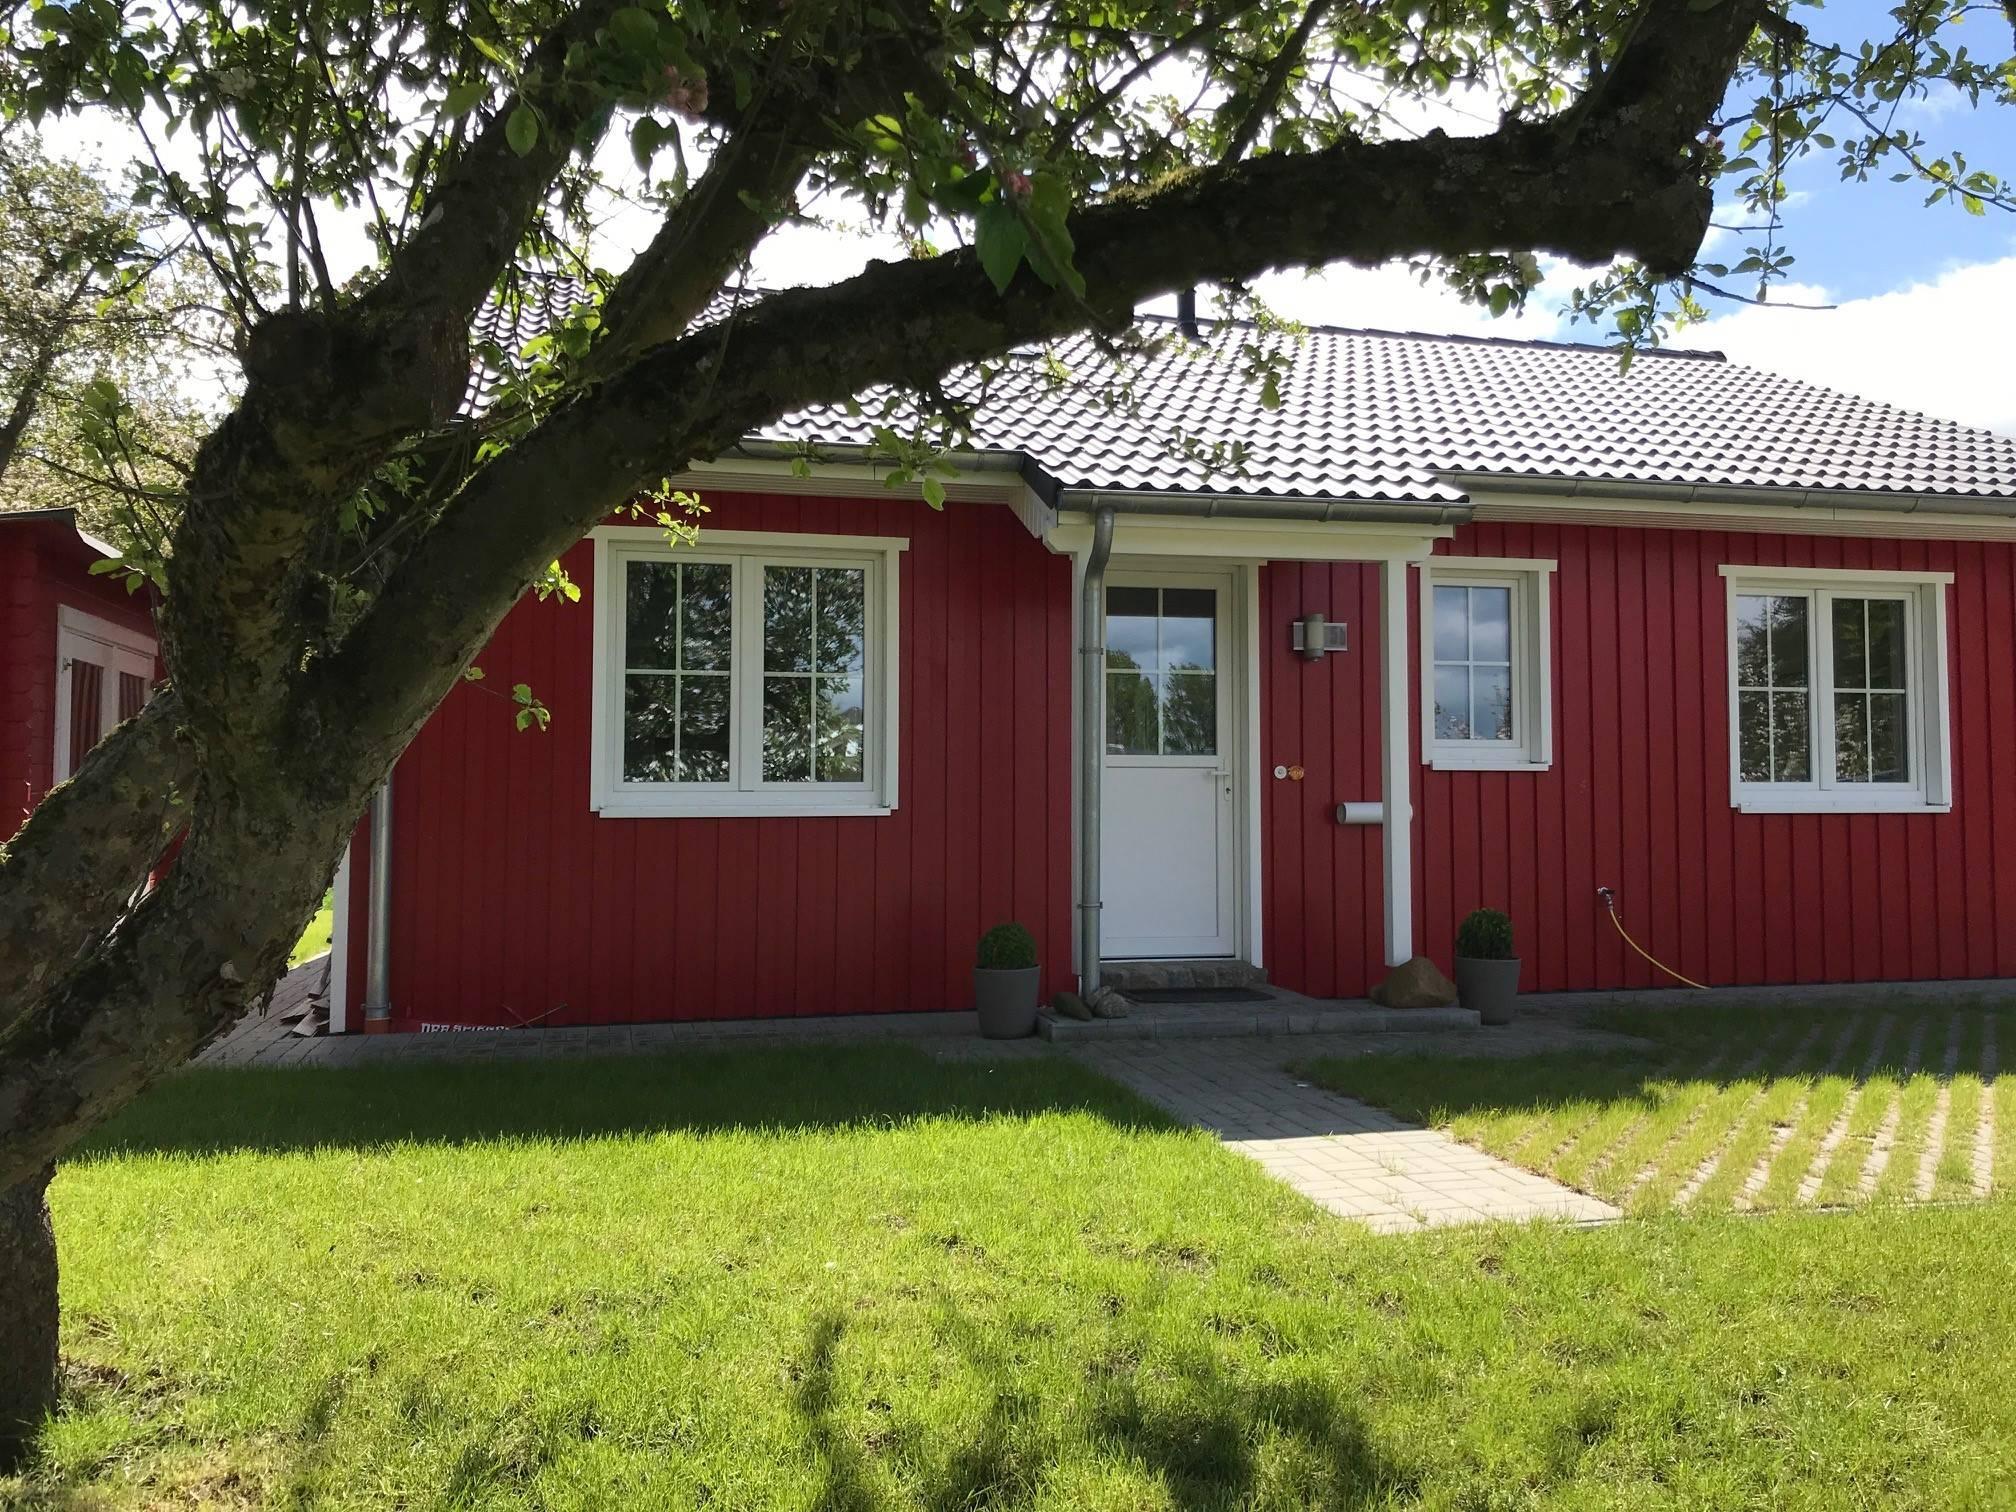 Fh Schwedenhaus Idyll - Fhb In Brodersby Schleswig-Holstein (Winkels)